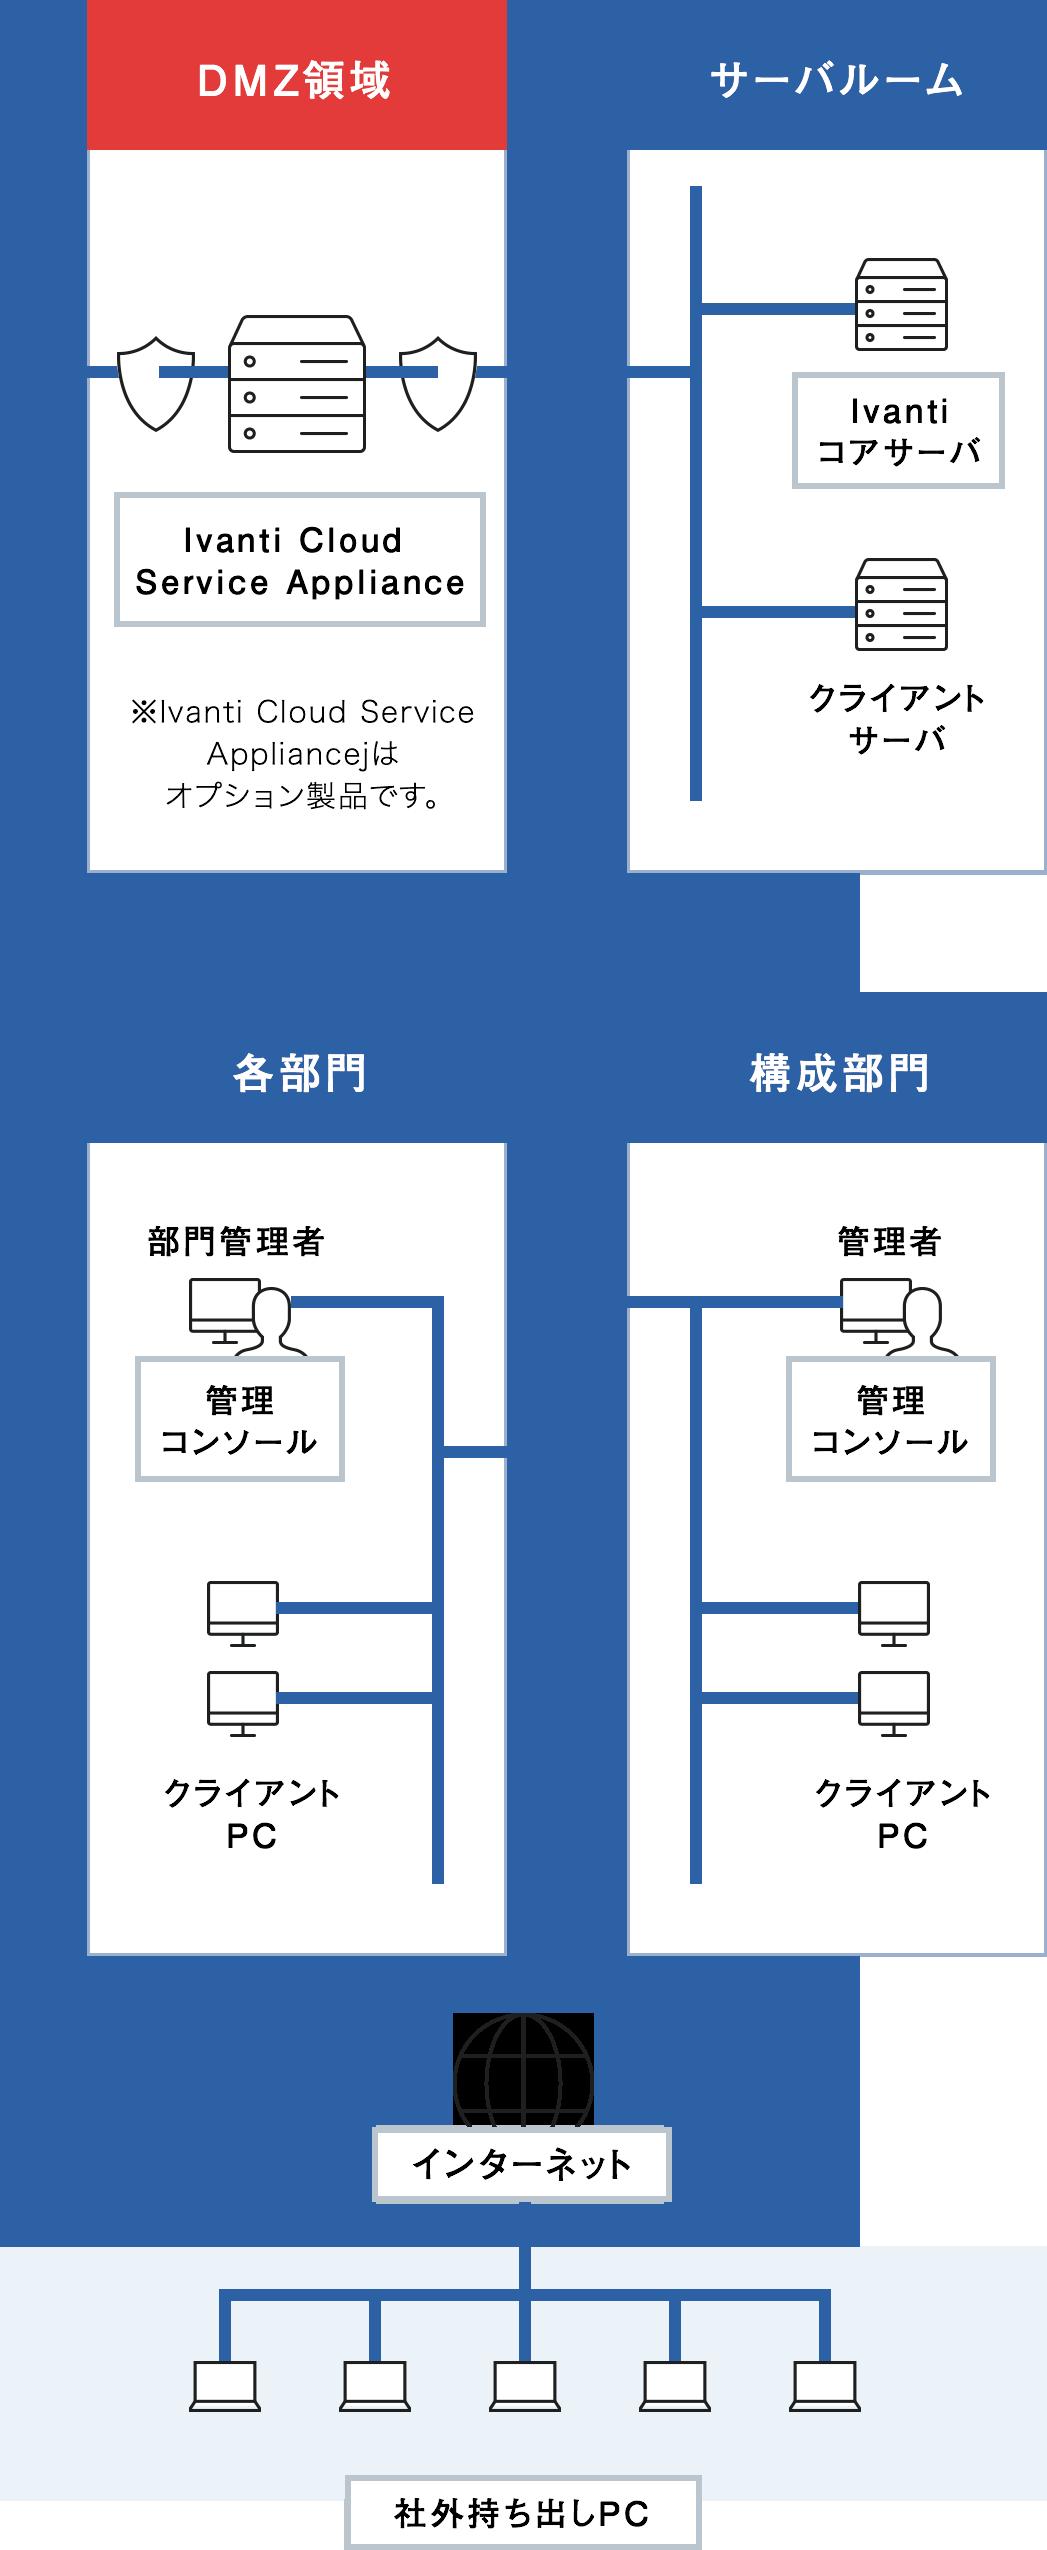 図:システム構造イメージ(SP)